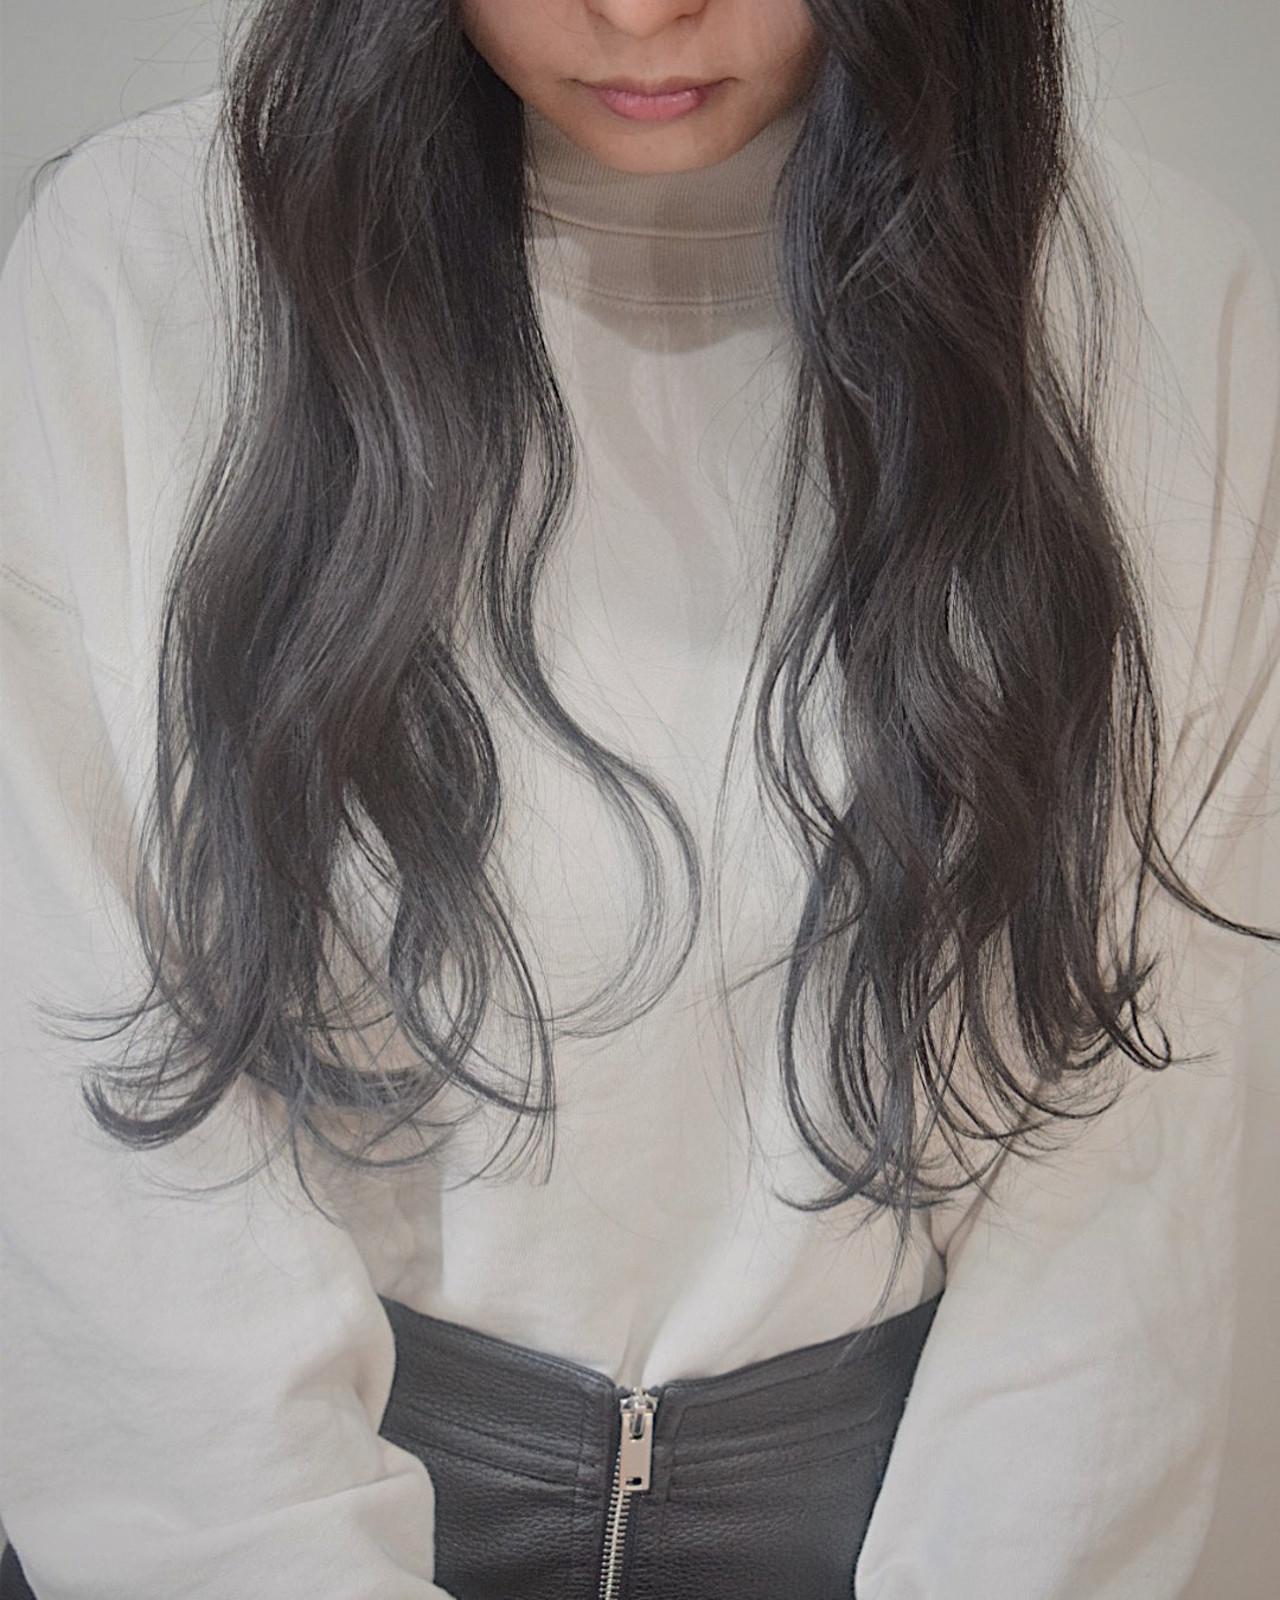 ロング 黒髪 ナチュラル ブラックグレー ヘアスタイルや髪型の写真・画像